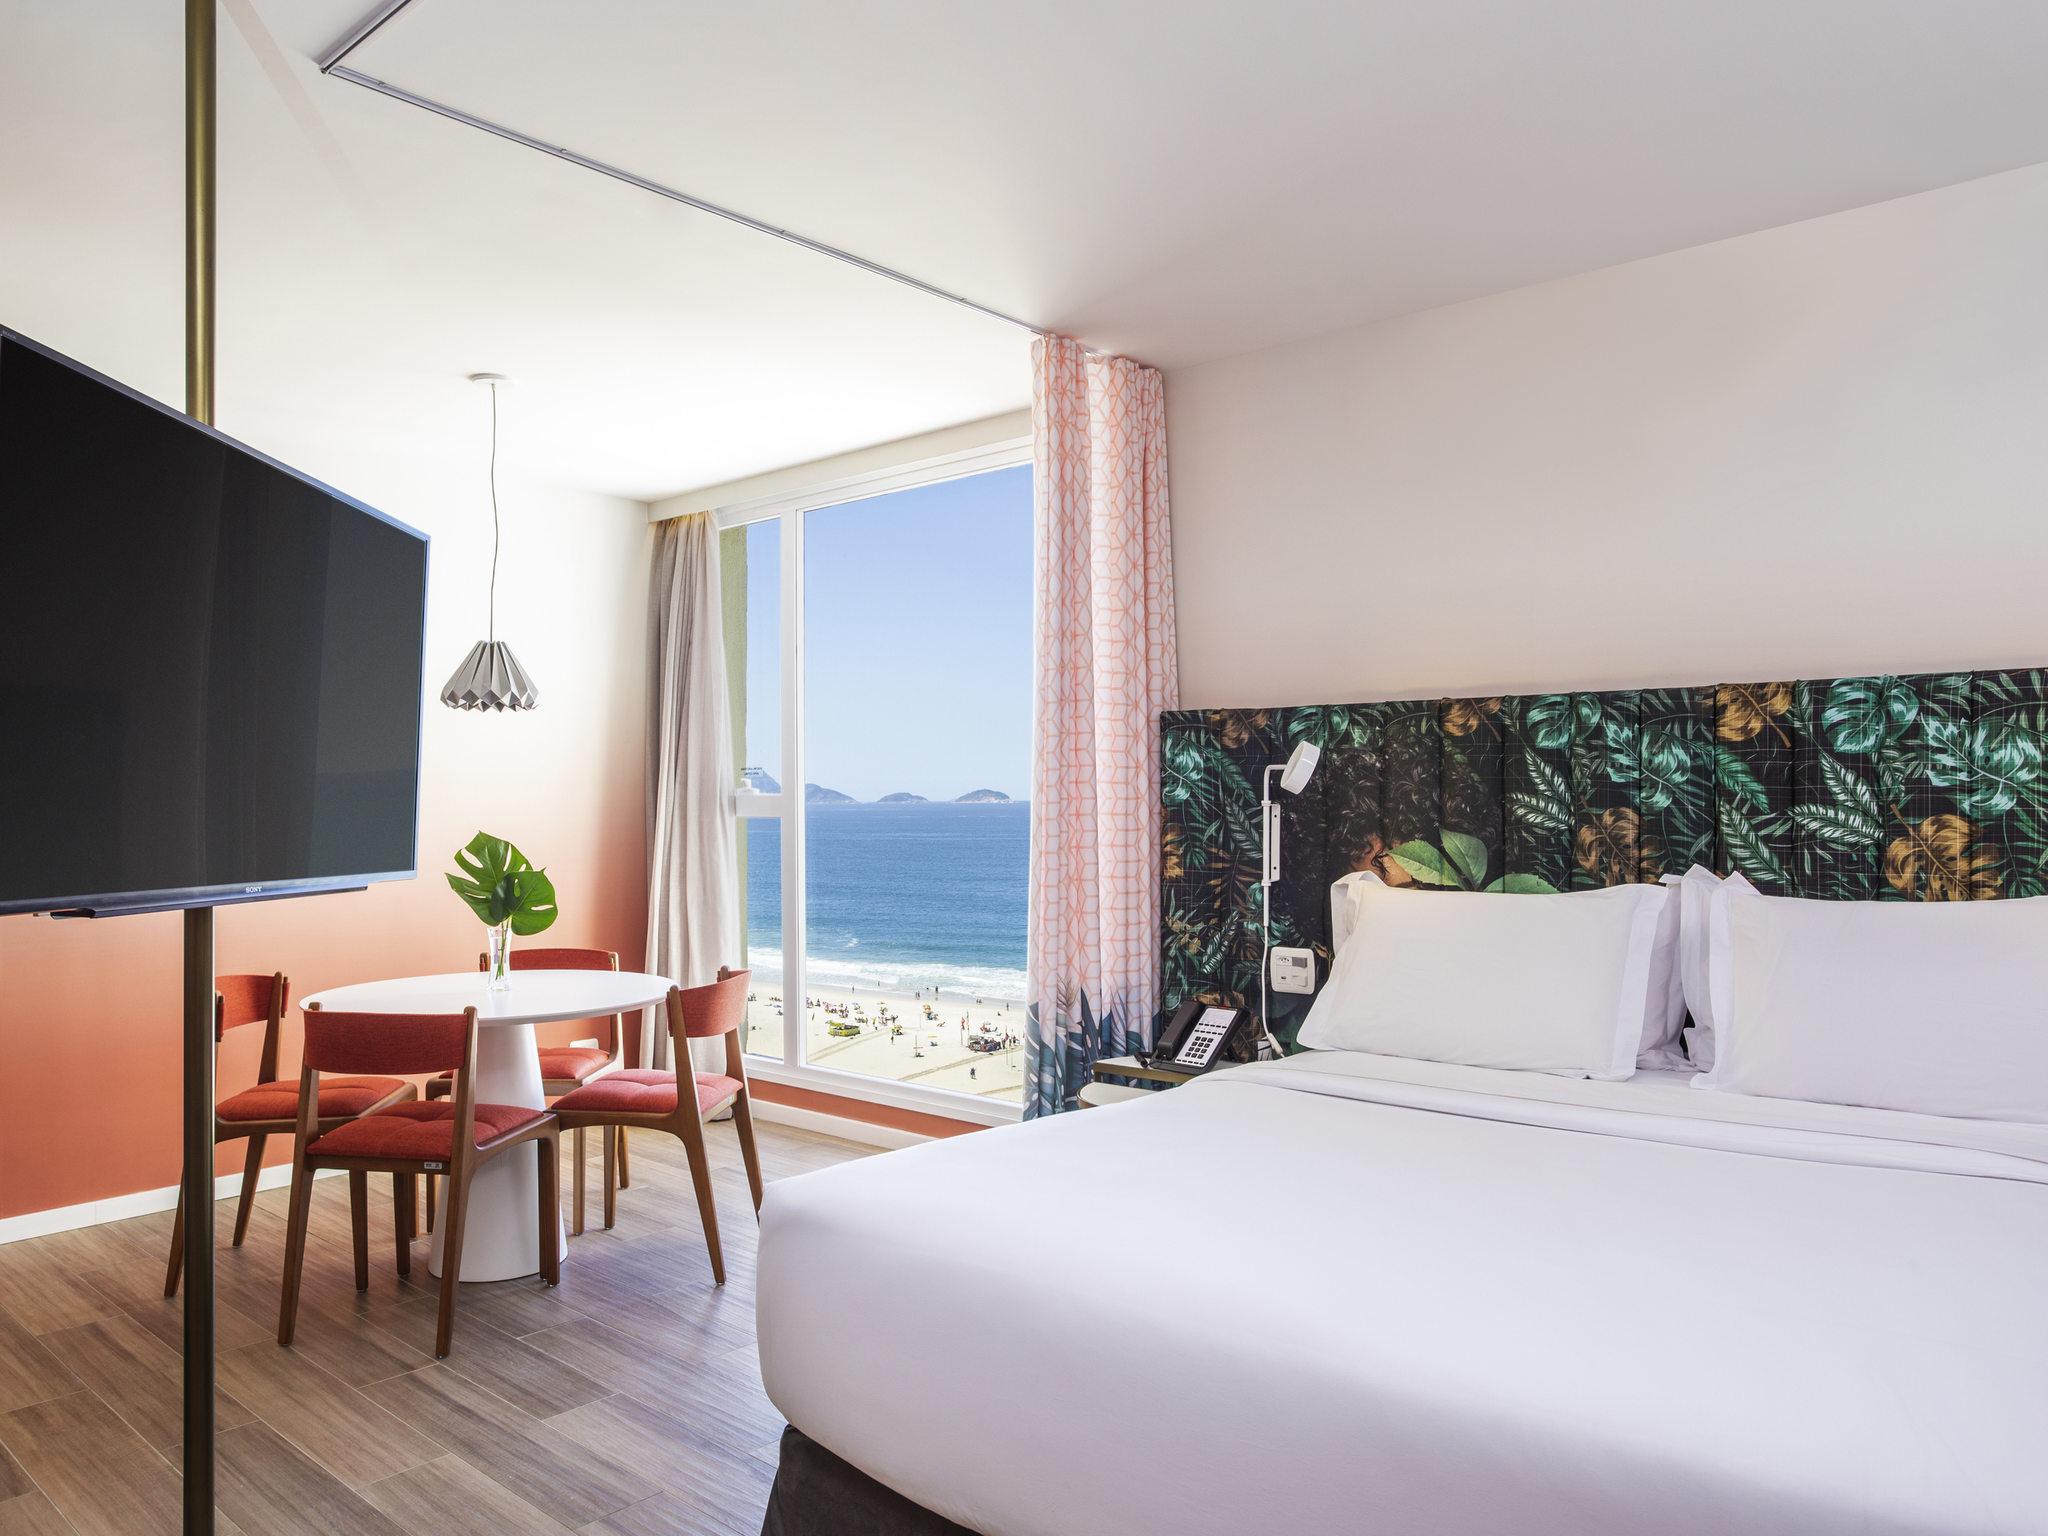 ホテル – メルキュール リオデジャネイロ コパカバーナ ホテル